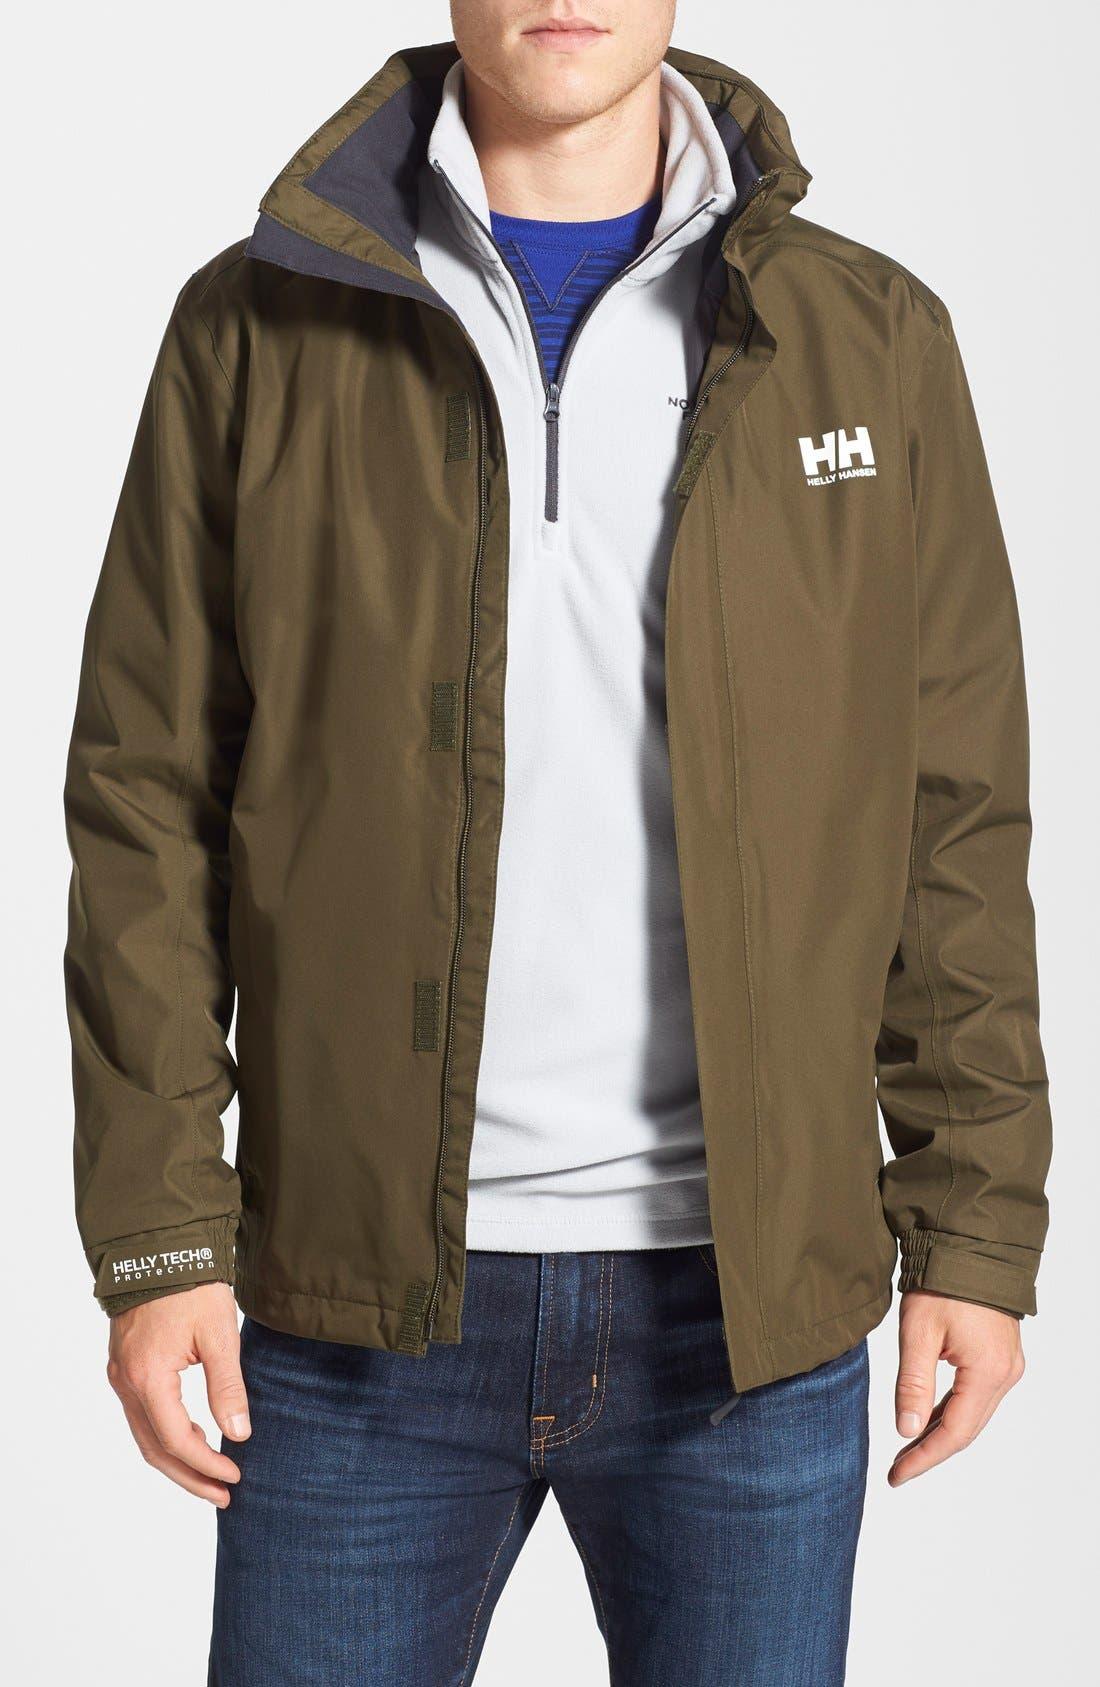 Alternate Image 1 Selected - Helly Hansen 'Dubliner' Waterproof Jacket